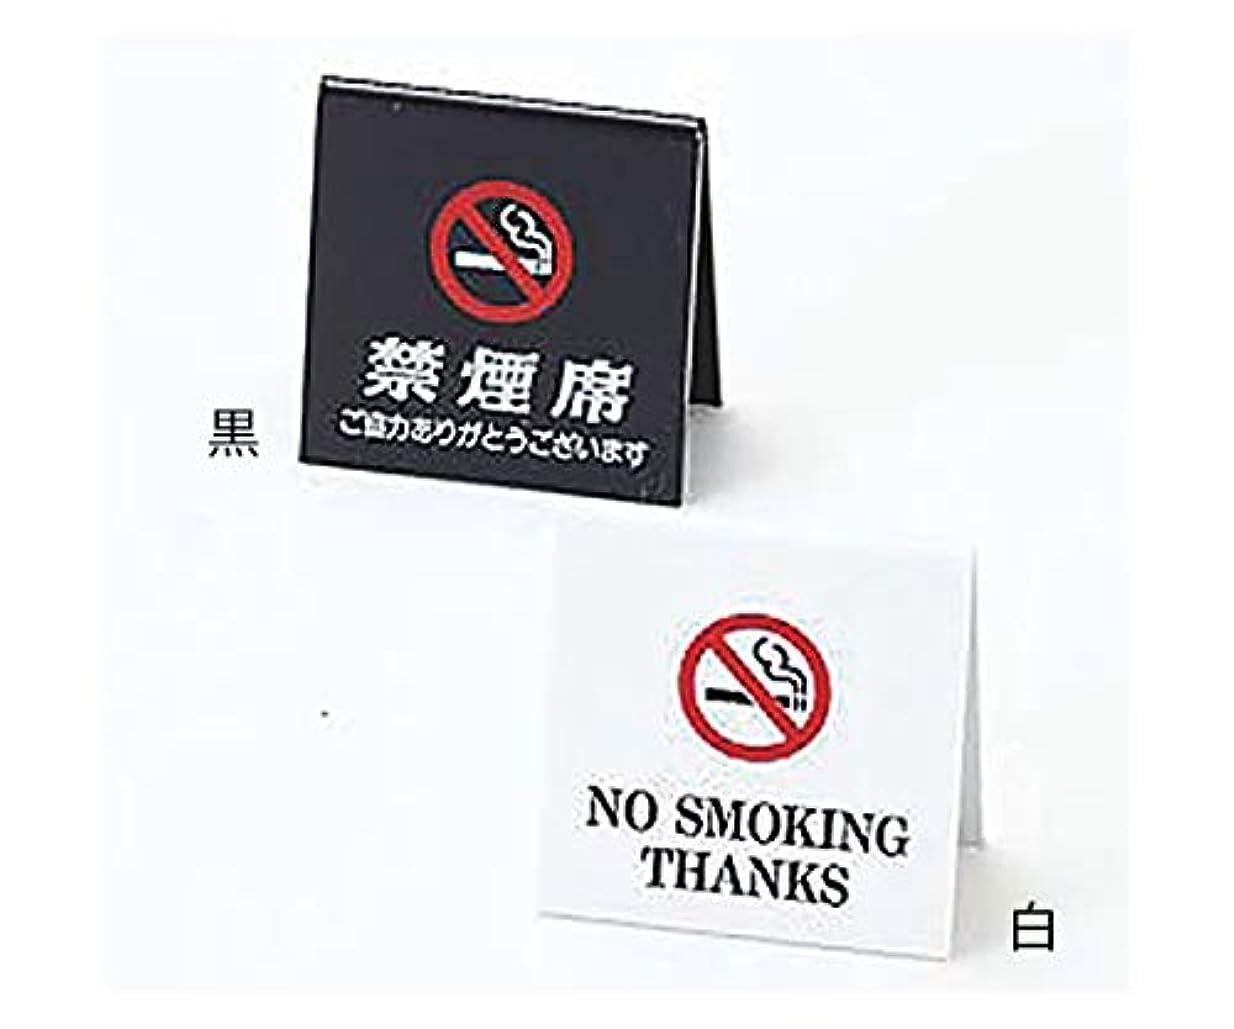 フェデレーション自分自身ガジュマルえいむ 禁煙席 黒/62-3830-90